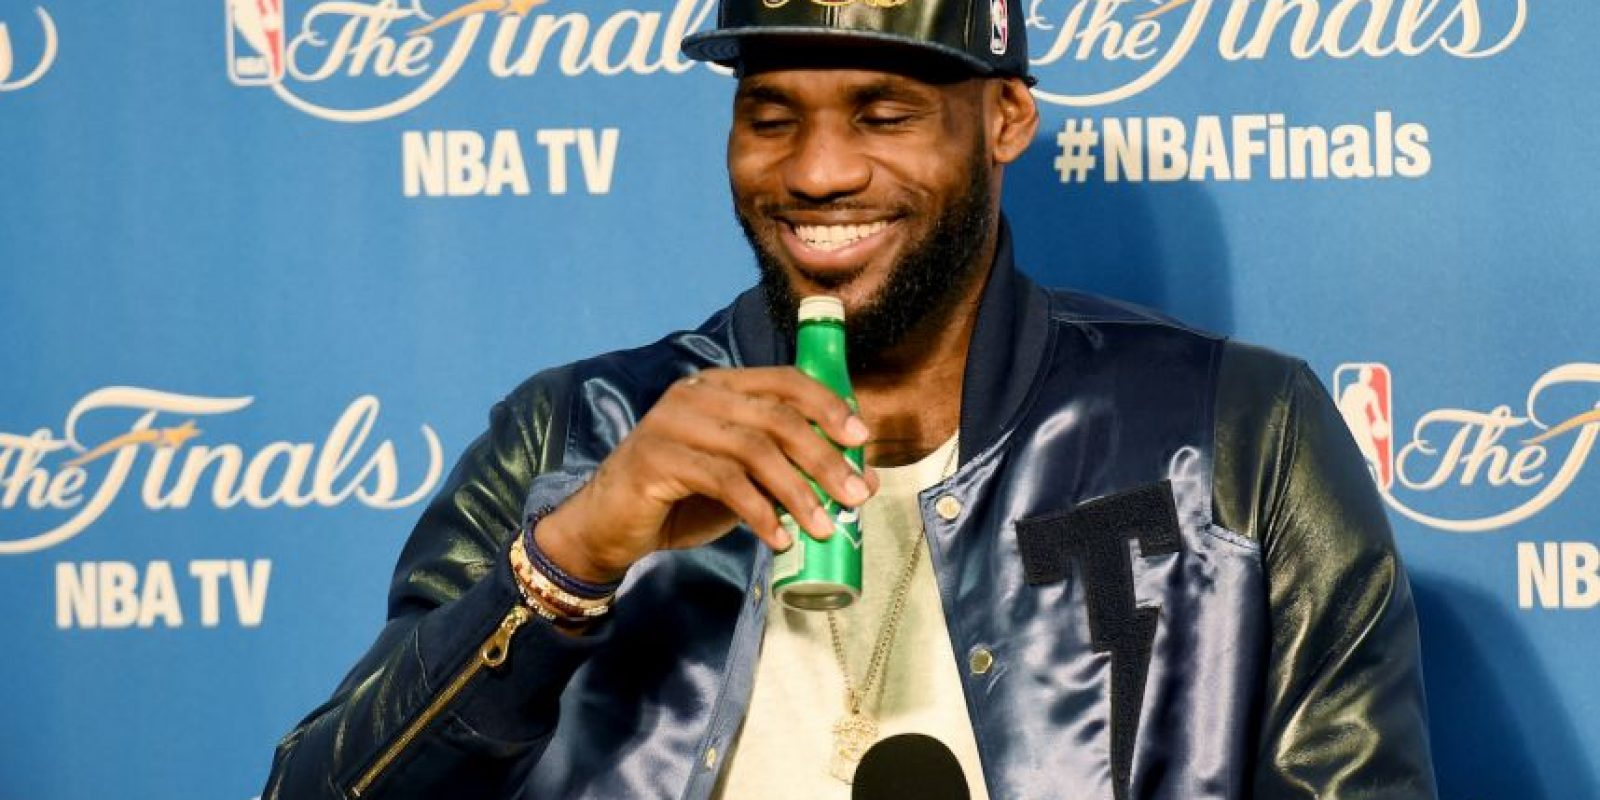 LeBron James lo tiene bien claro: A pesar de que tuvo una actuación soberbia en el cuarto juego ante los Golden State Warrios, su equipo fue derrotado, pero él sigue considerándose el mejor del mundo. Foto:Getty Images